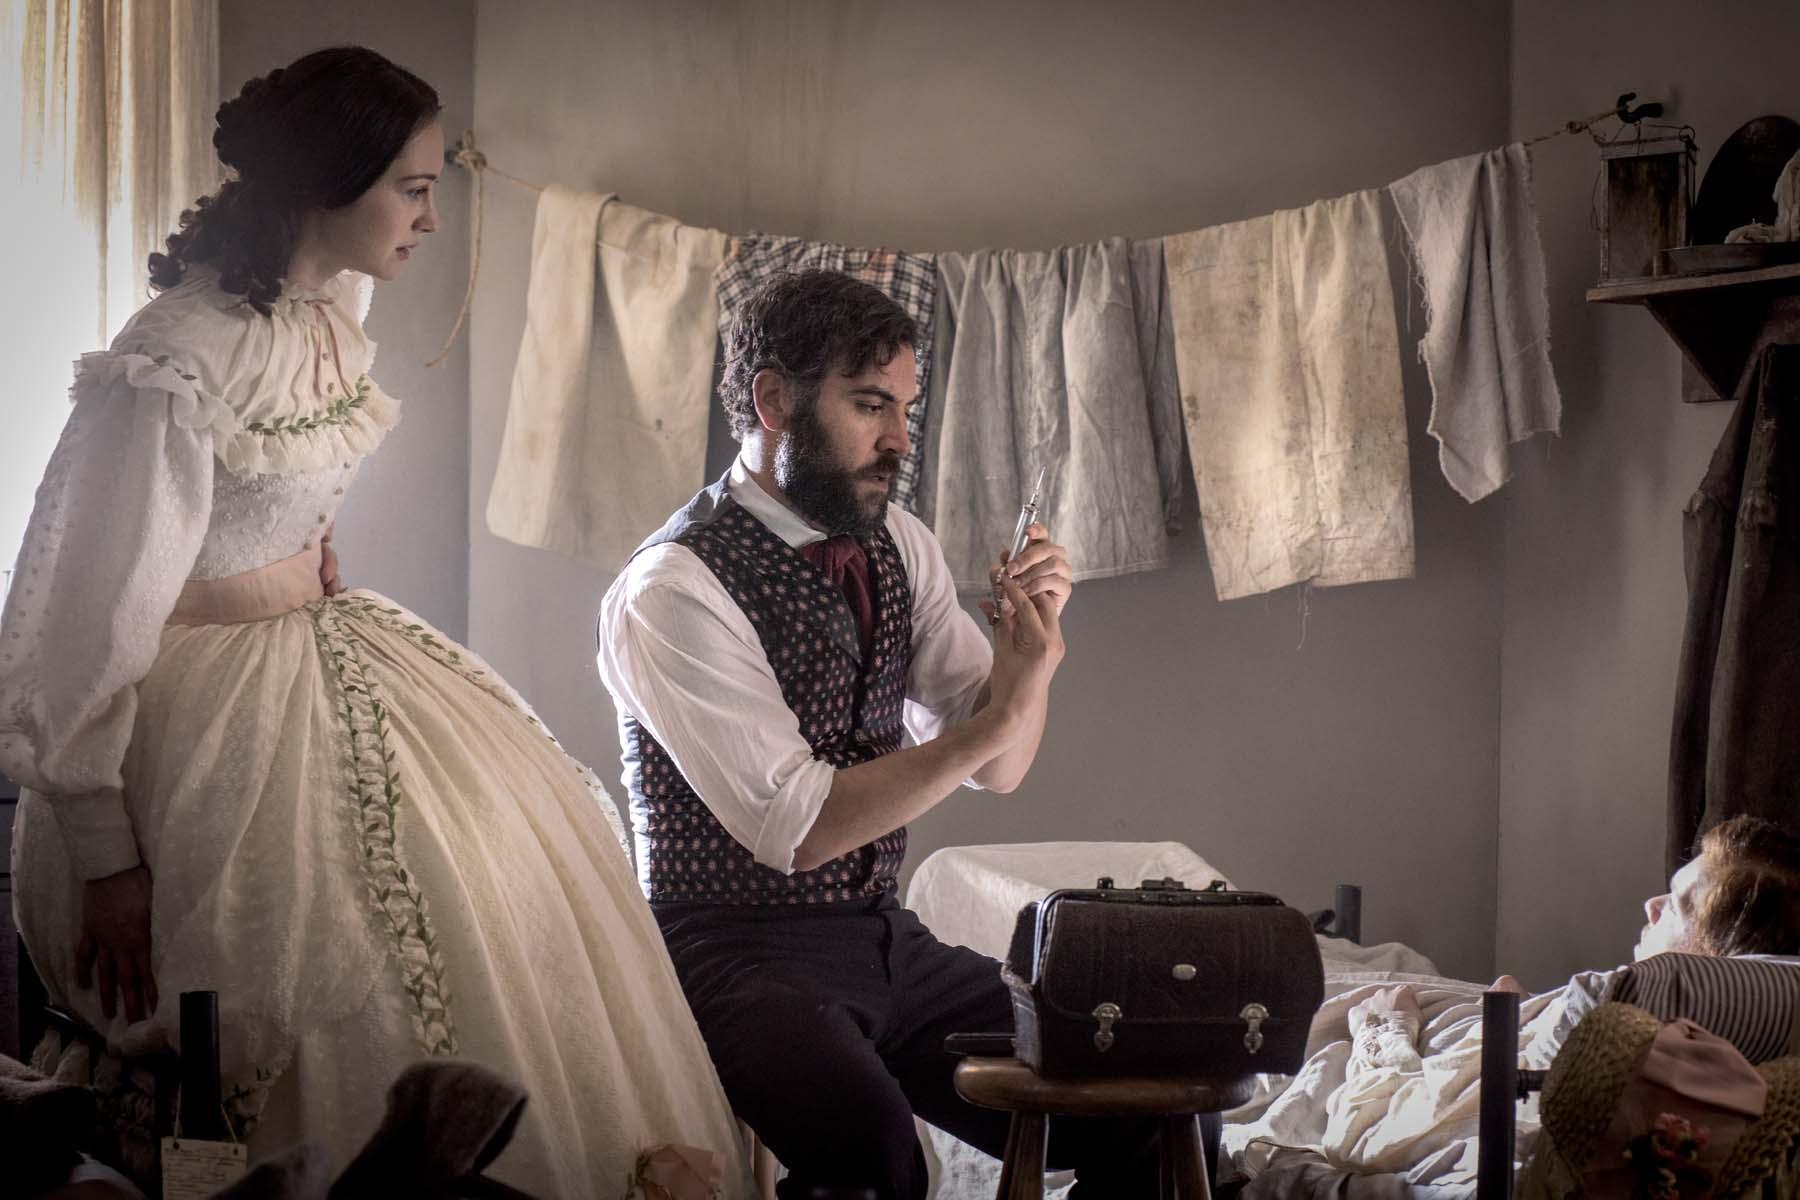 Emma Green (Hannah James) and Jedediah Foster (Josh Radnor). (Photo Courtesy of Antony Platt/PBS)